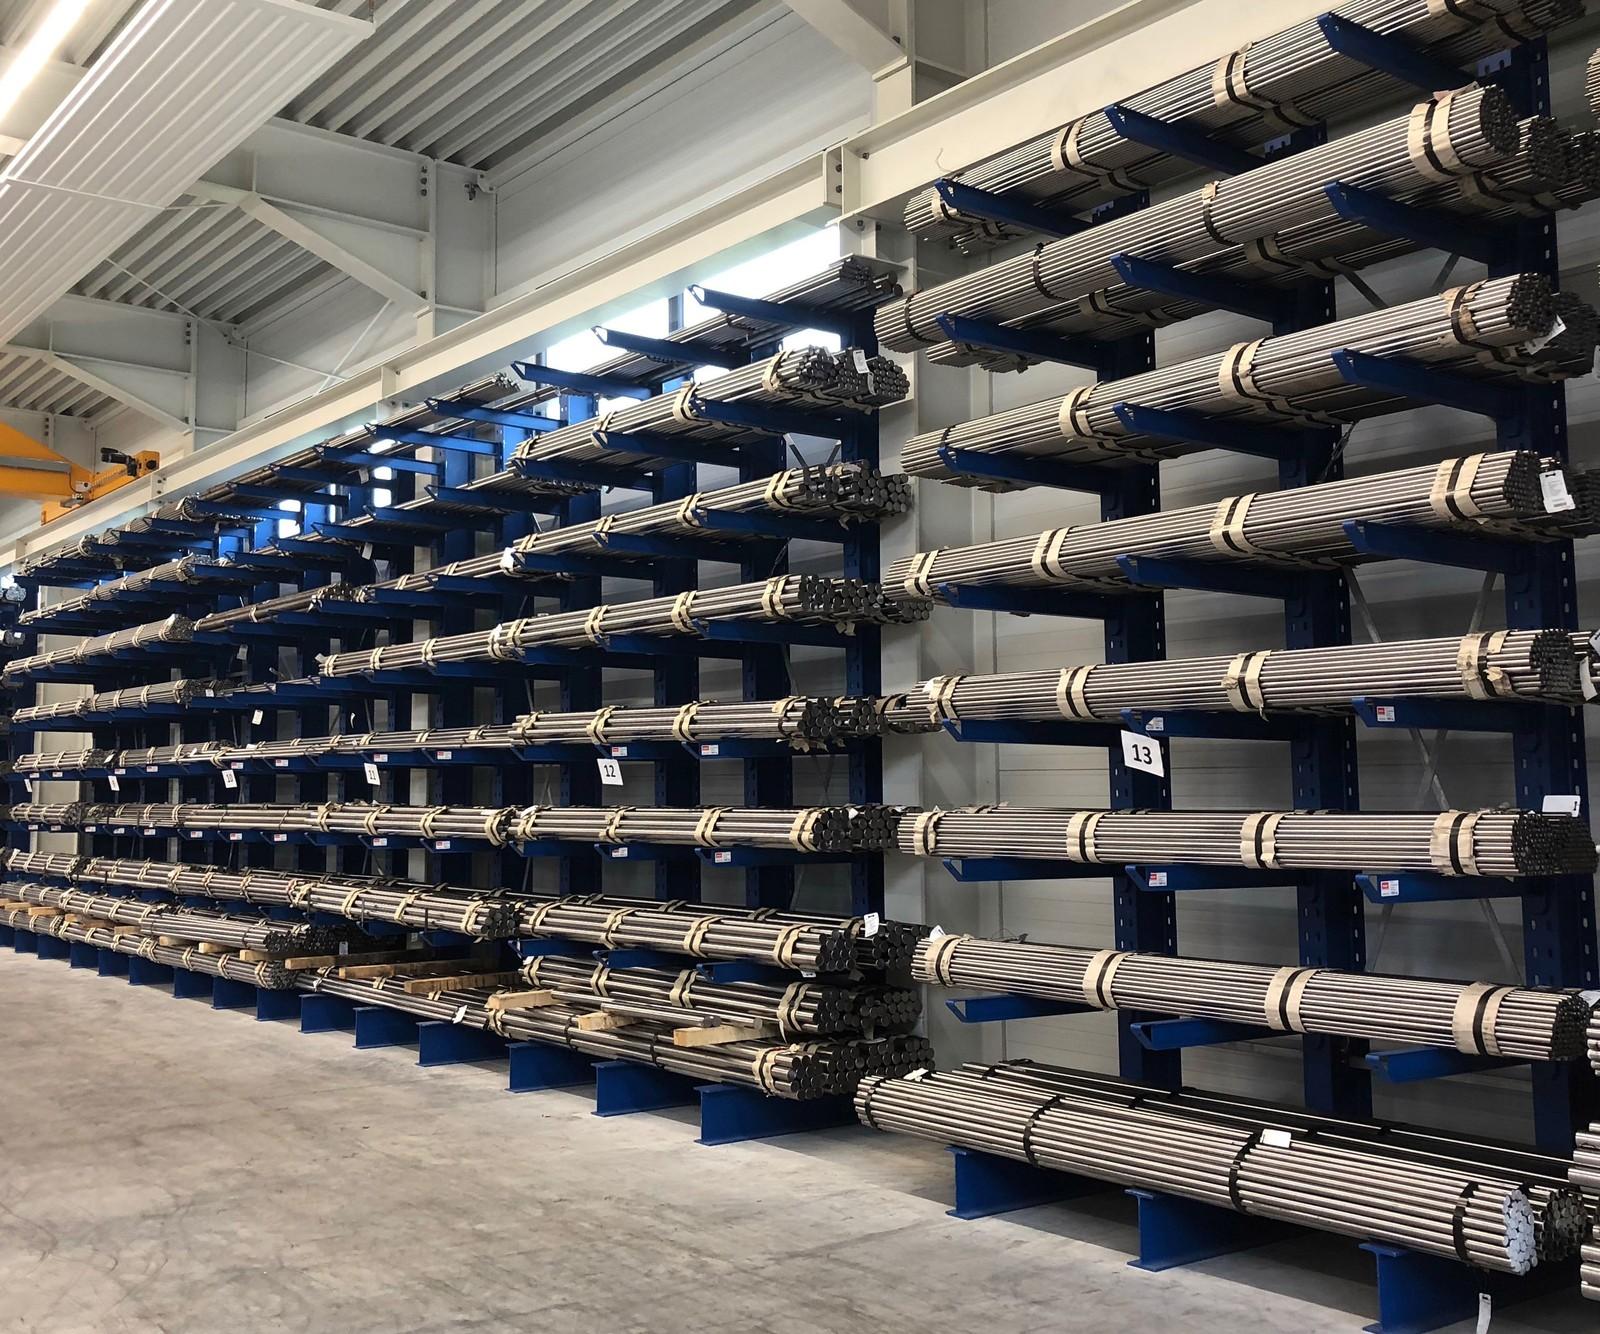 Nachdem Econsteel im vorangegangenen DBU-Projekt eine neue Sorte von Stahl entwickelt hatte, soll nun ein mechanisches Bearbeitungsverfahren zum Härten der Oberfläche erarbeitet werden.